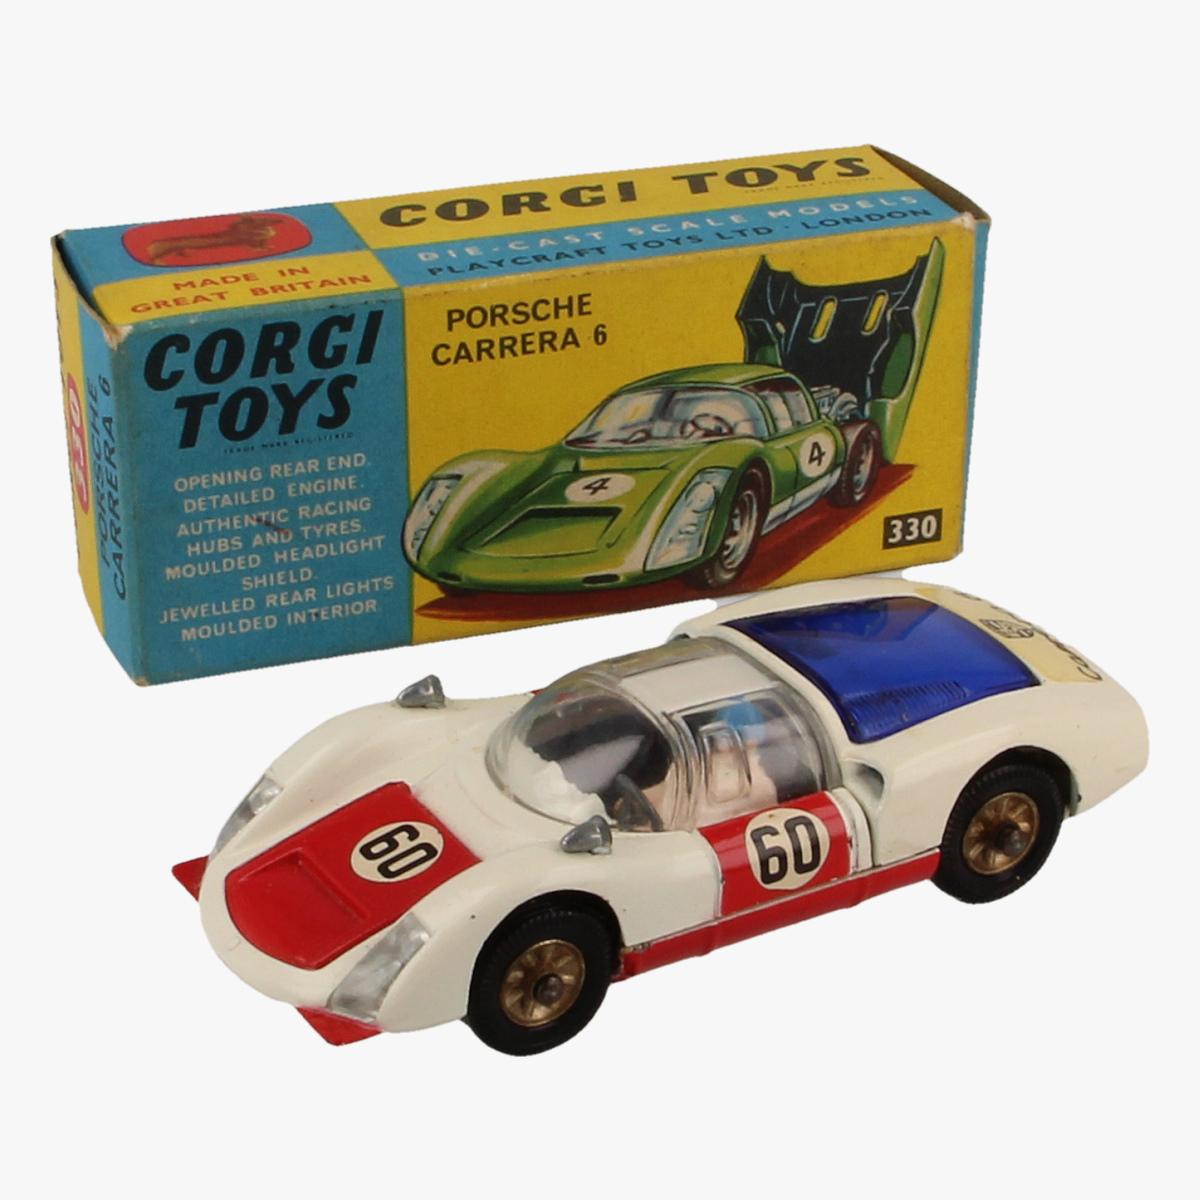 Afbeeldingen van Corgi Toys, Porsche Carrera 6,330.